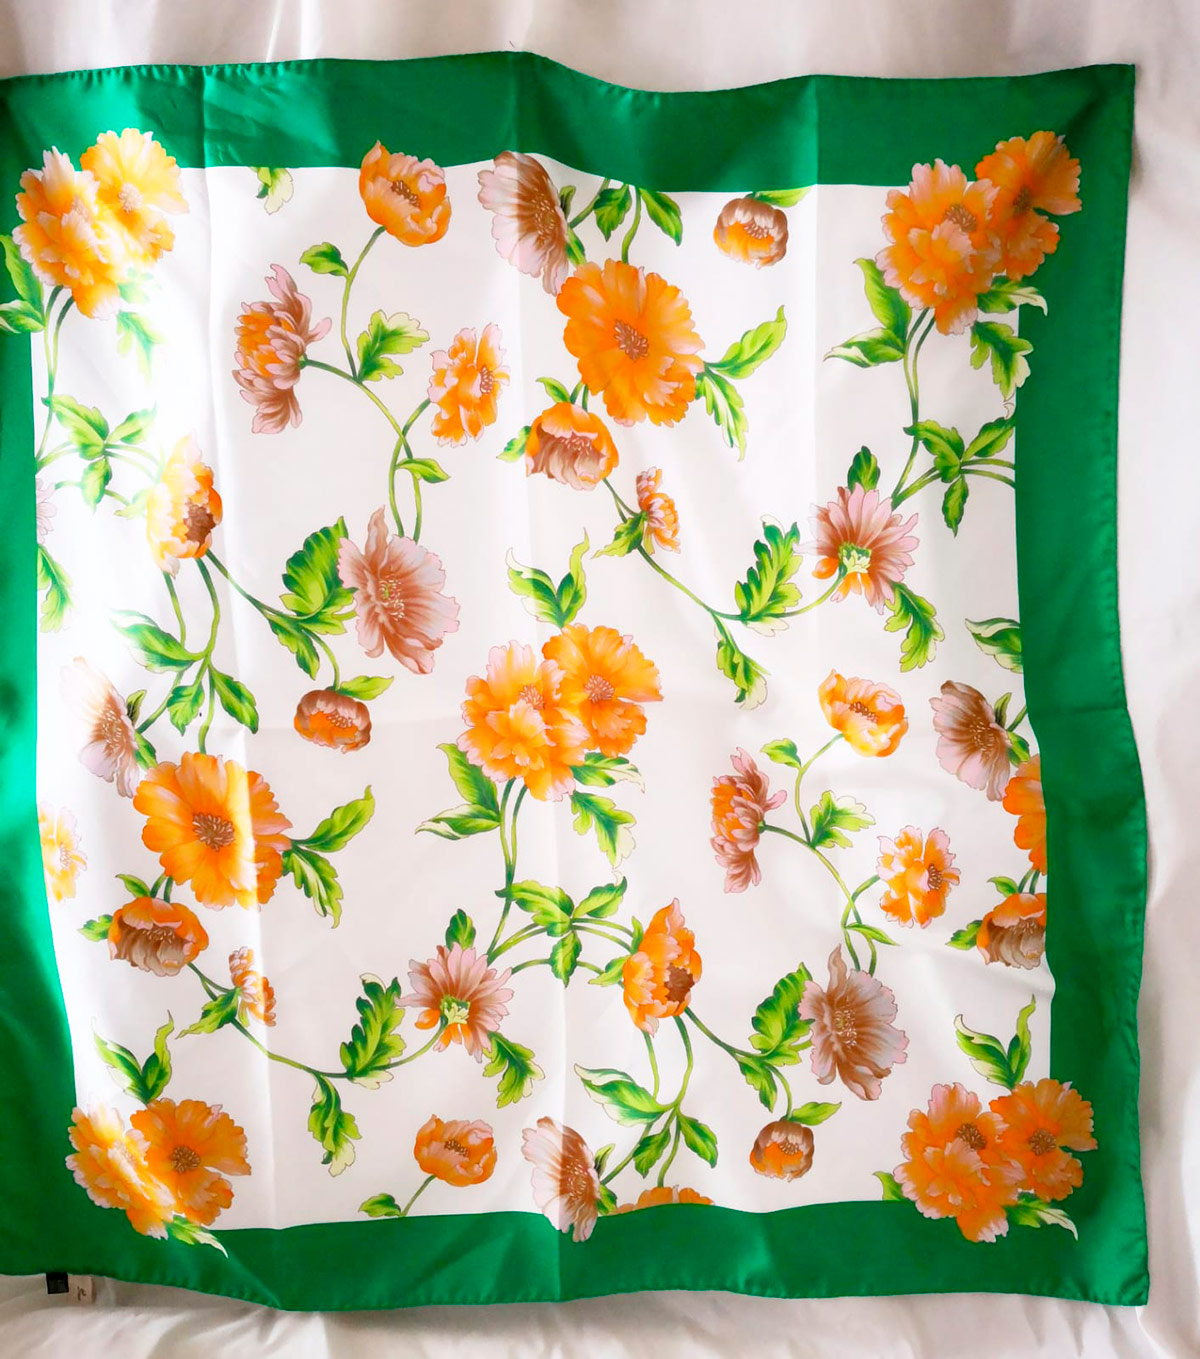 Baisesmamain - Cecilia Benetti Design - Cintura Sixty 60 Verde Fiori